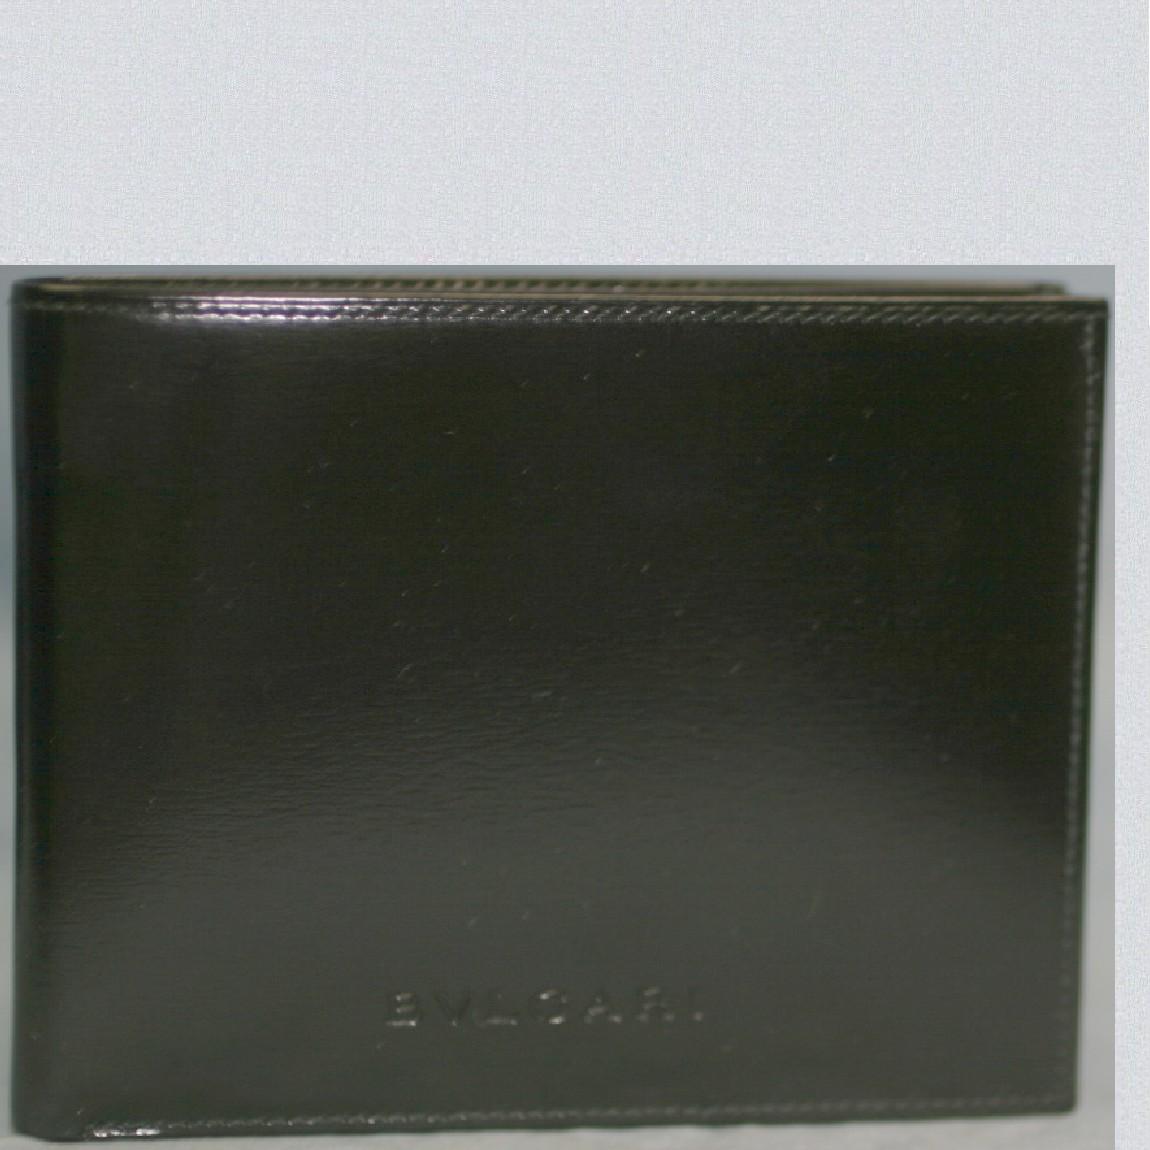 【中古】本物新品未使用ブルガリ紳士用マスターカーフ黒10,2x8センチ2つ折カード用ポケット6個付き財布